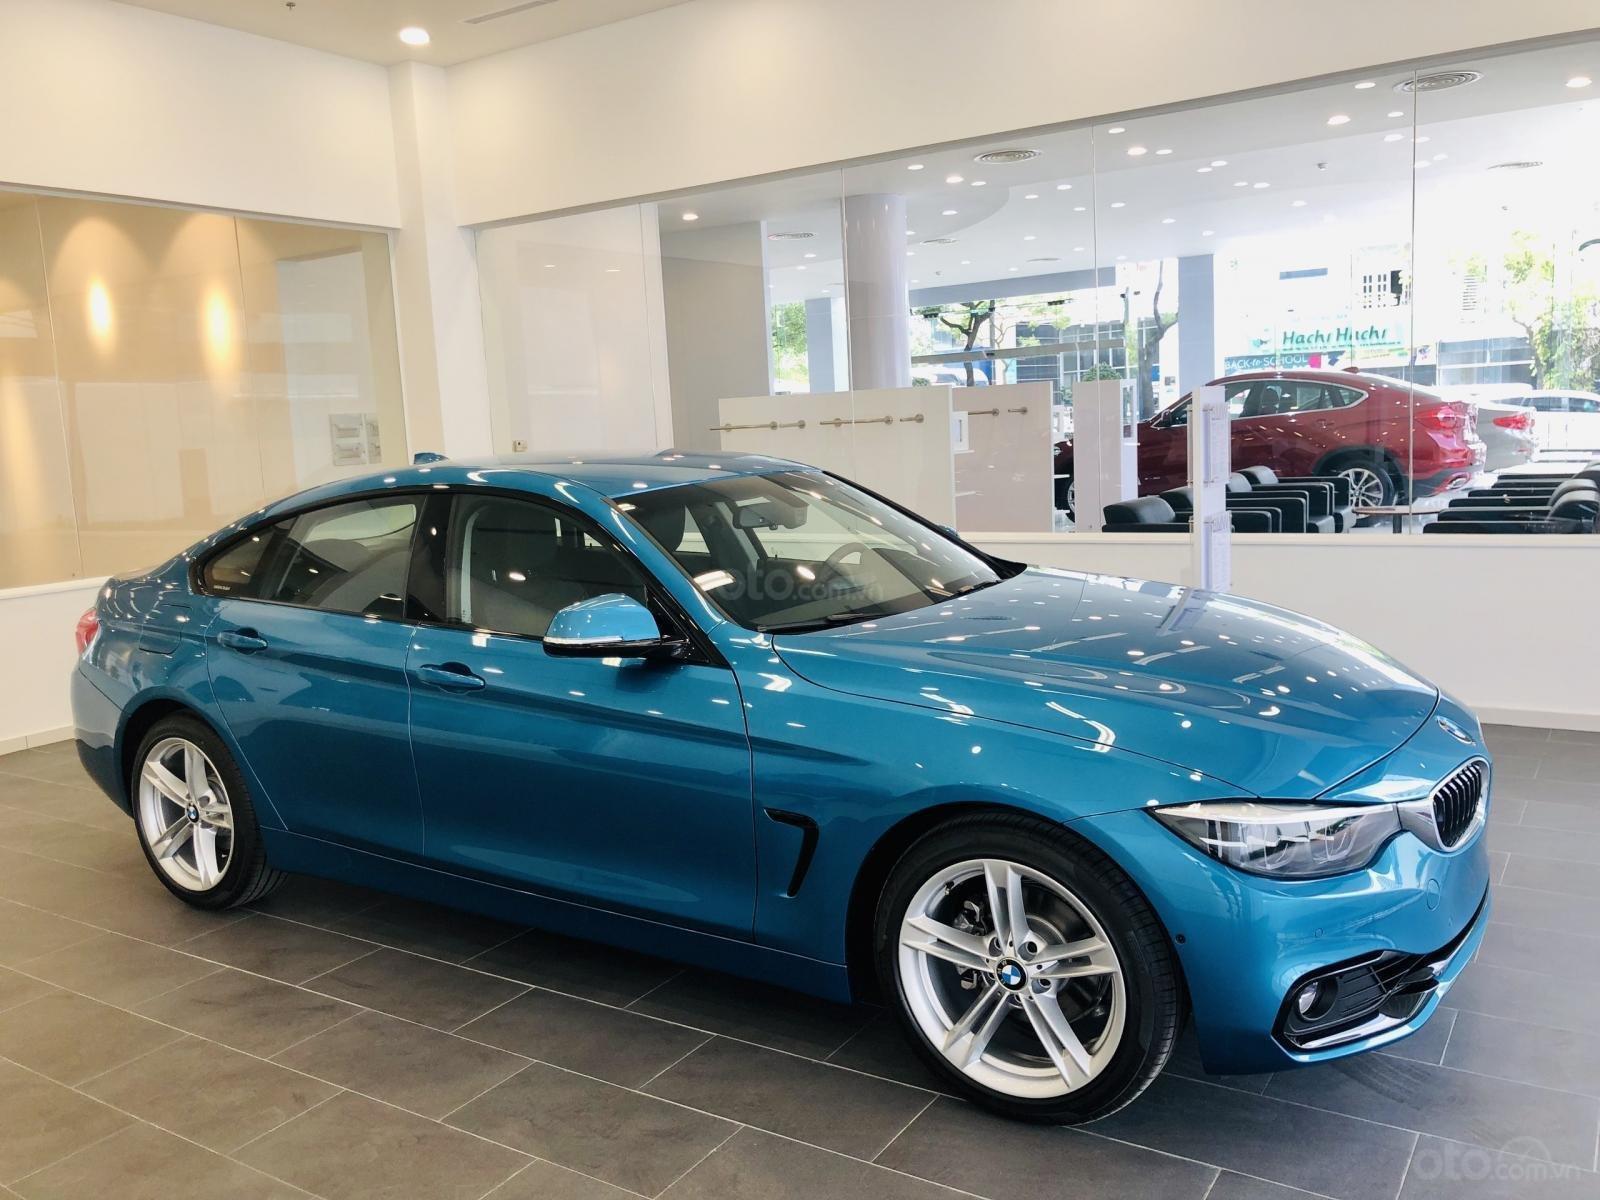 Thông số kỹ thuật xe BMW 420i 2020 A1